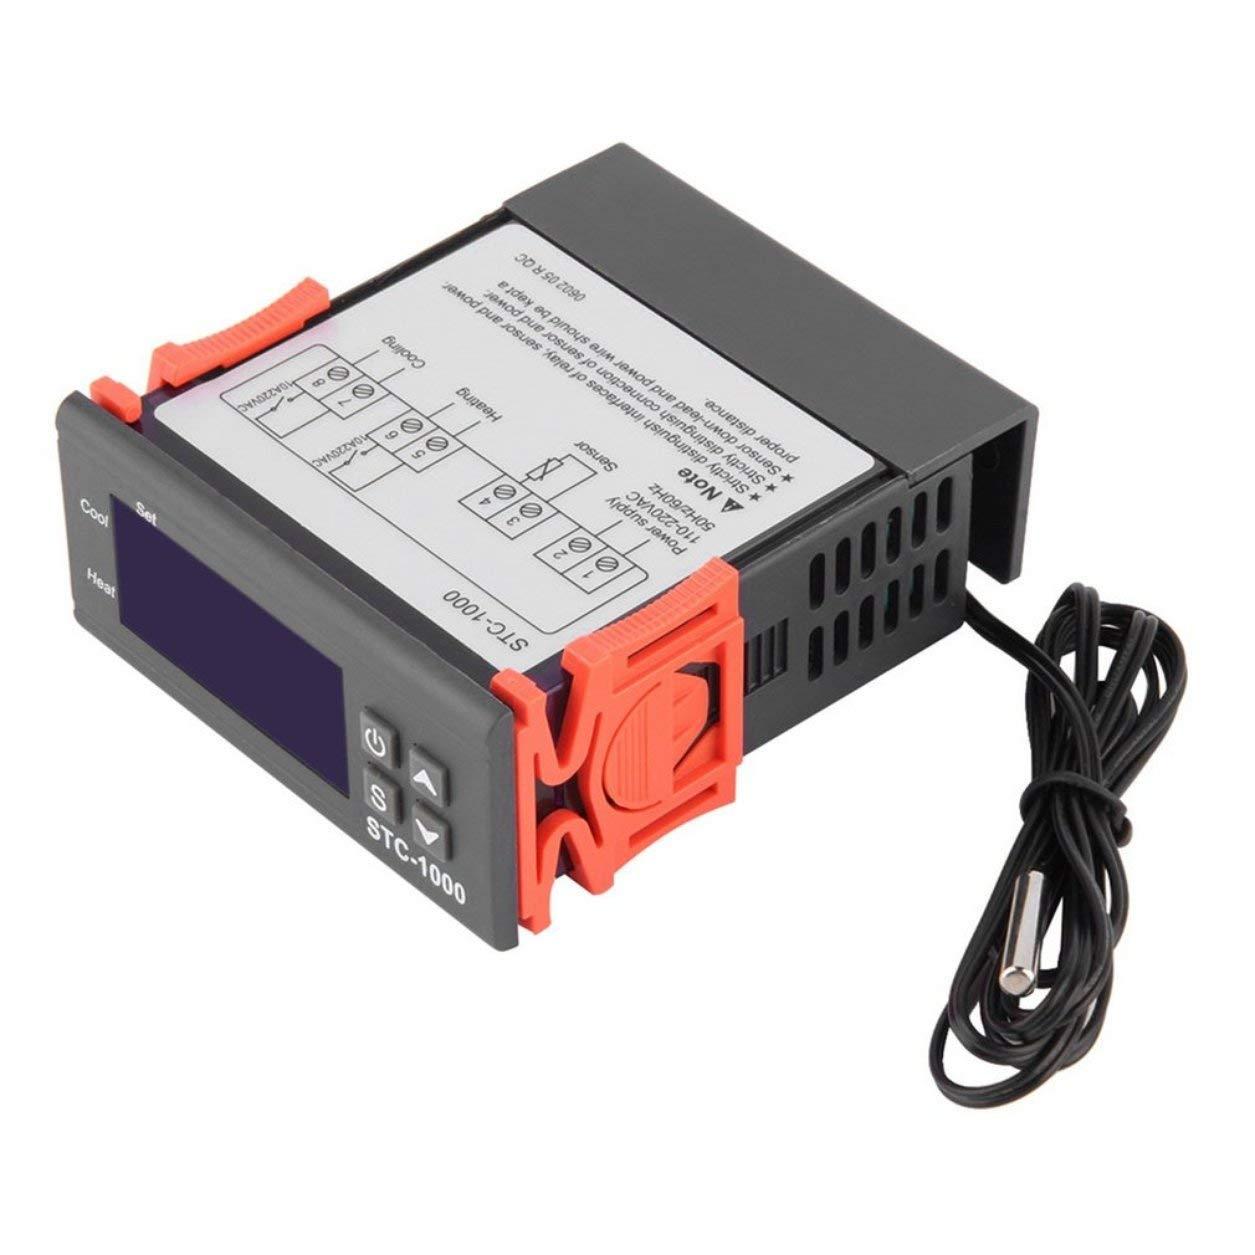 Termostato universal multifunció n negro para el termostato digital STC-1000 con herramienta de diagnó stico para instrumento de temperatura del sensor Dailyinshop